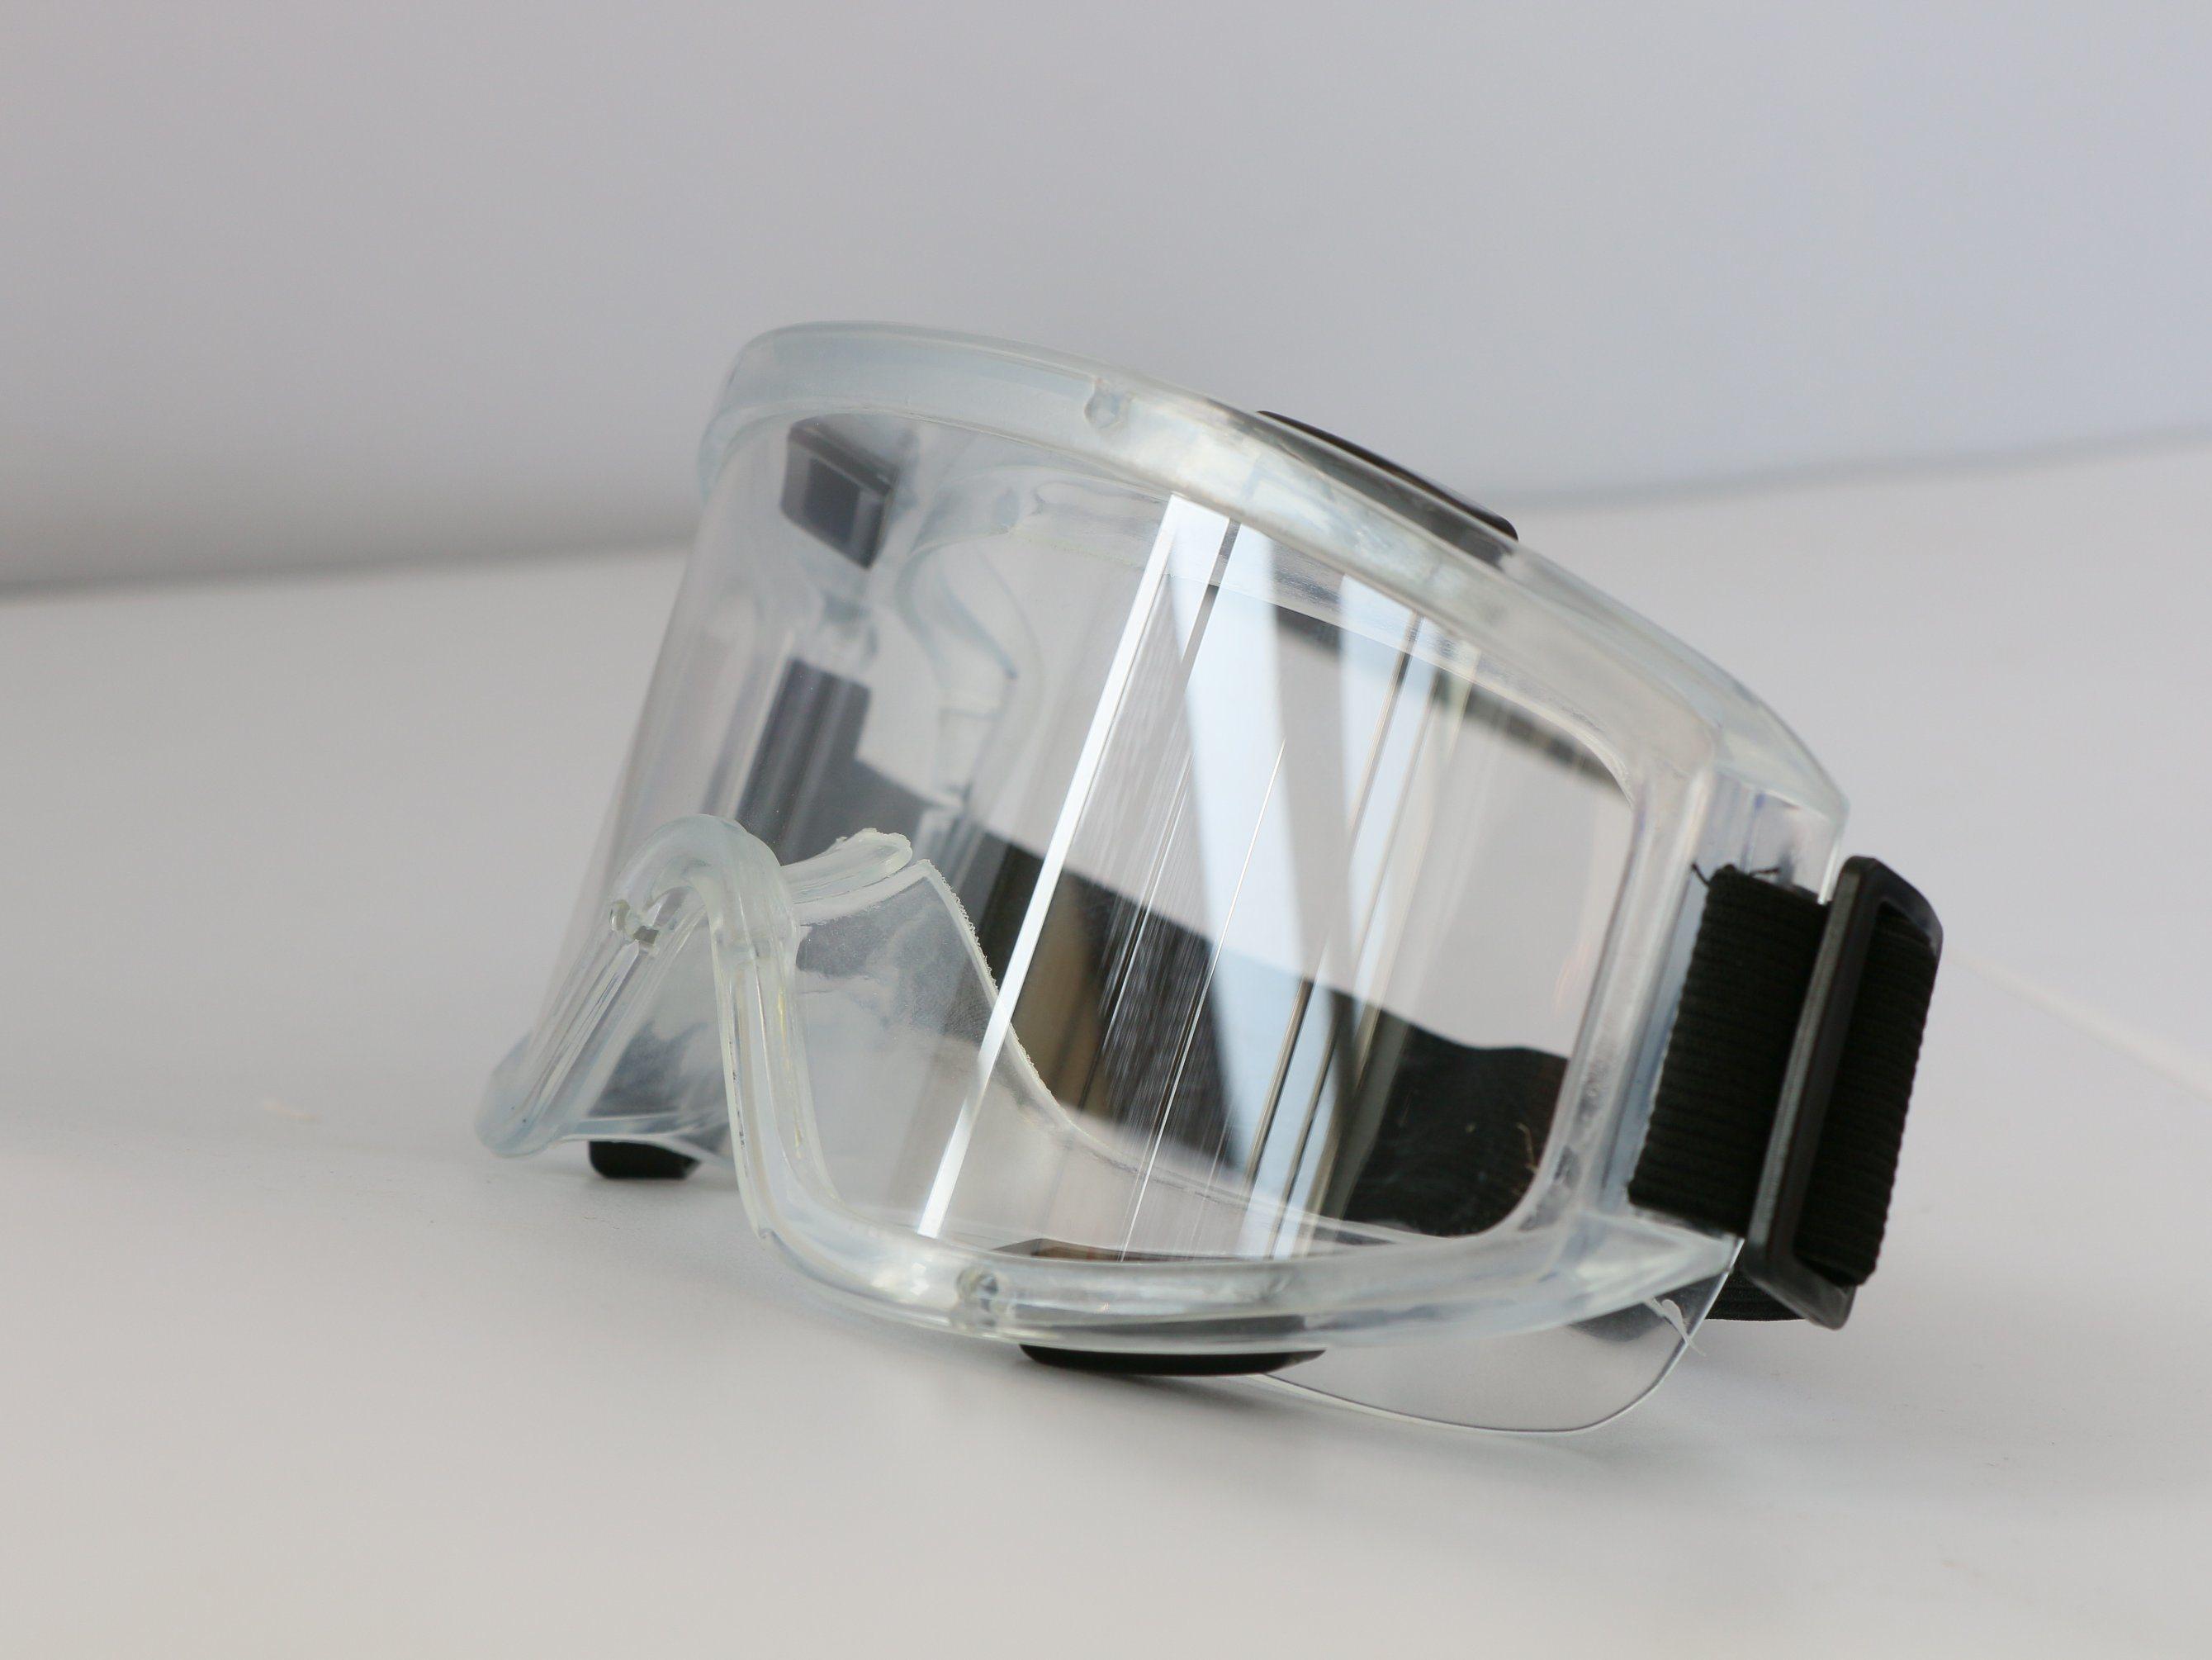 Limpar óculos de construção anti Laser Nevoeiro óculos de segurança óculos de protecção